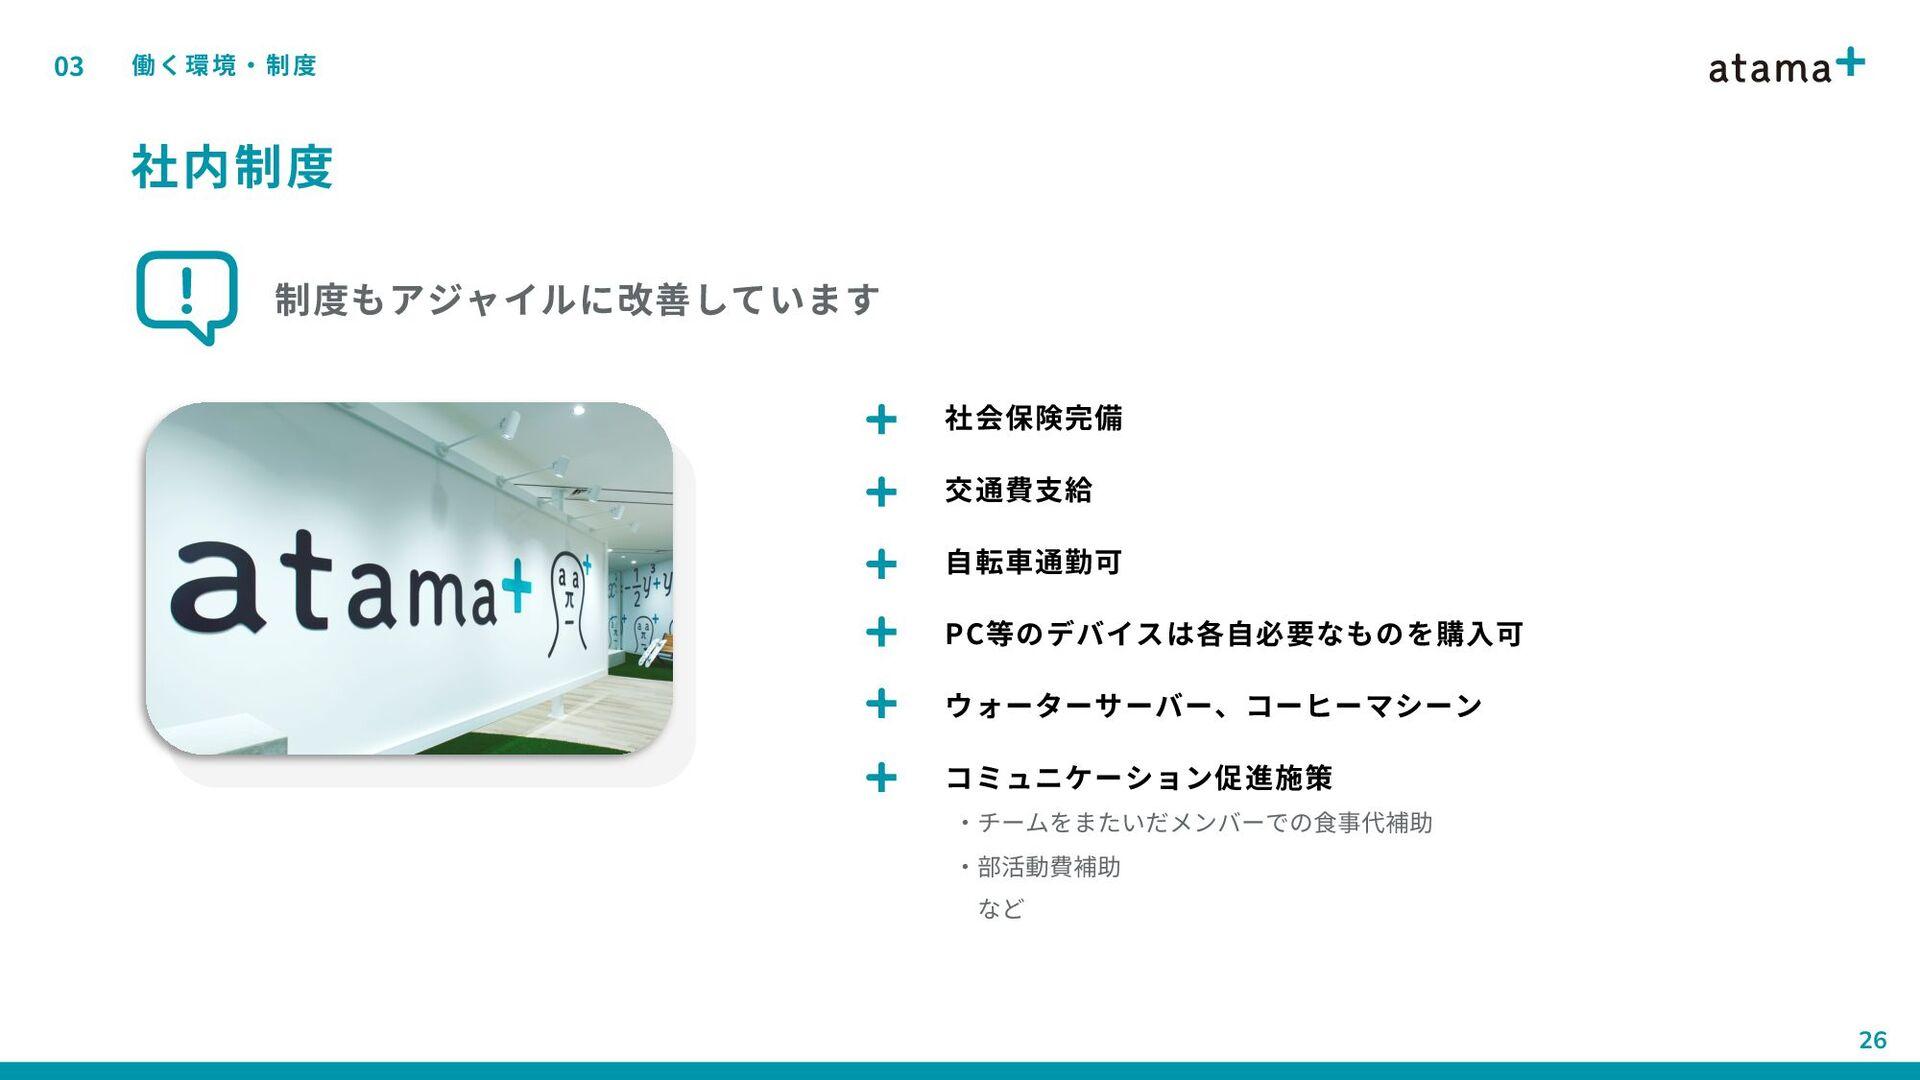 メンバー紹介・インタビュー 04 26